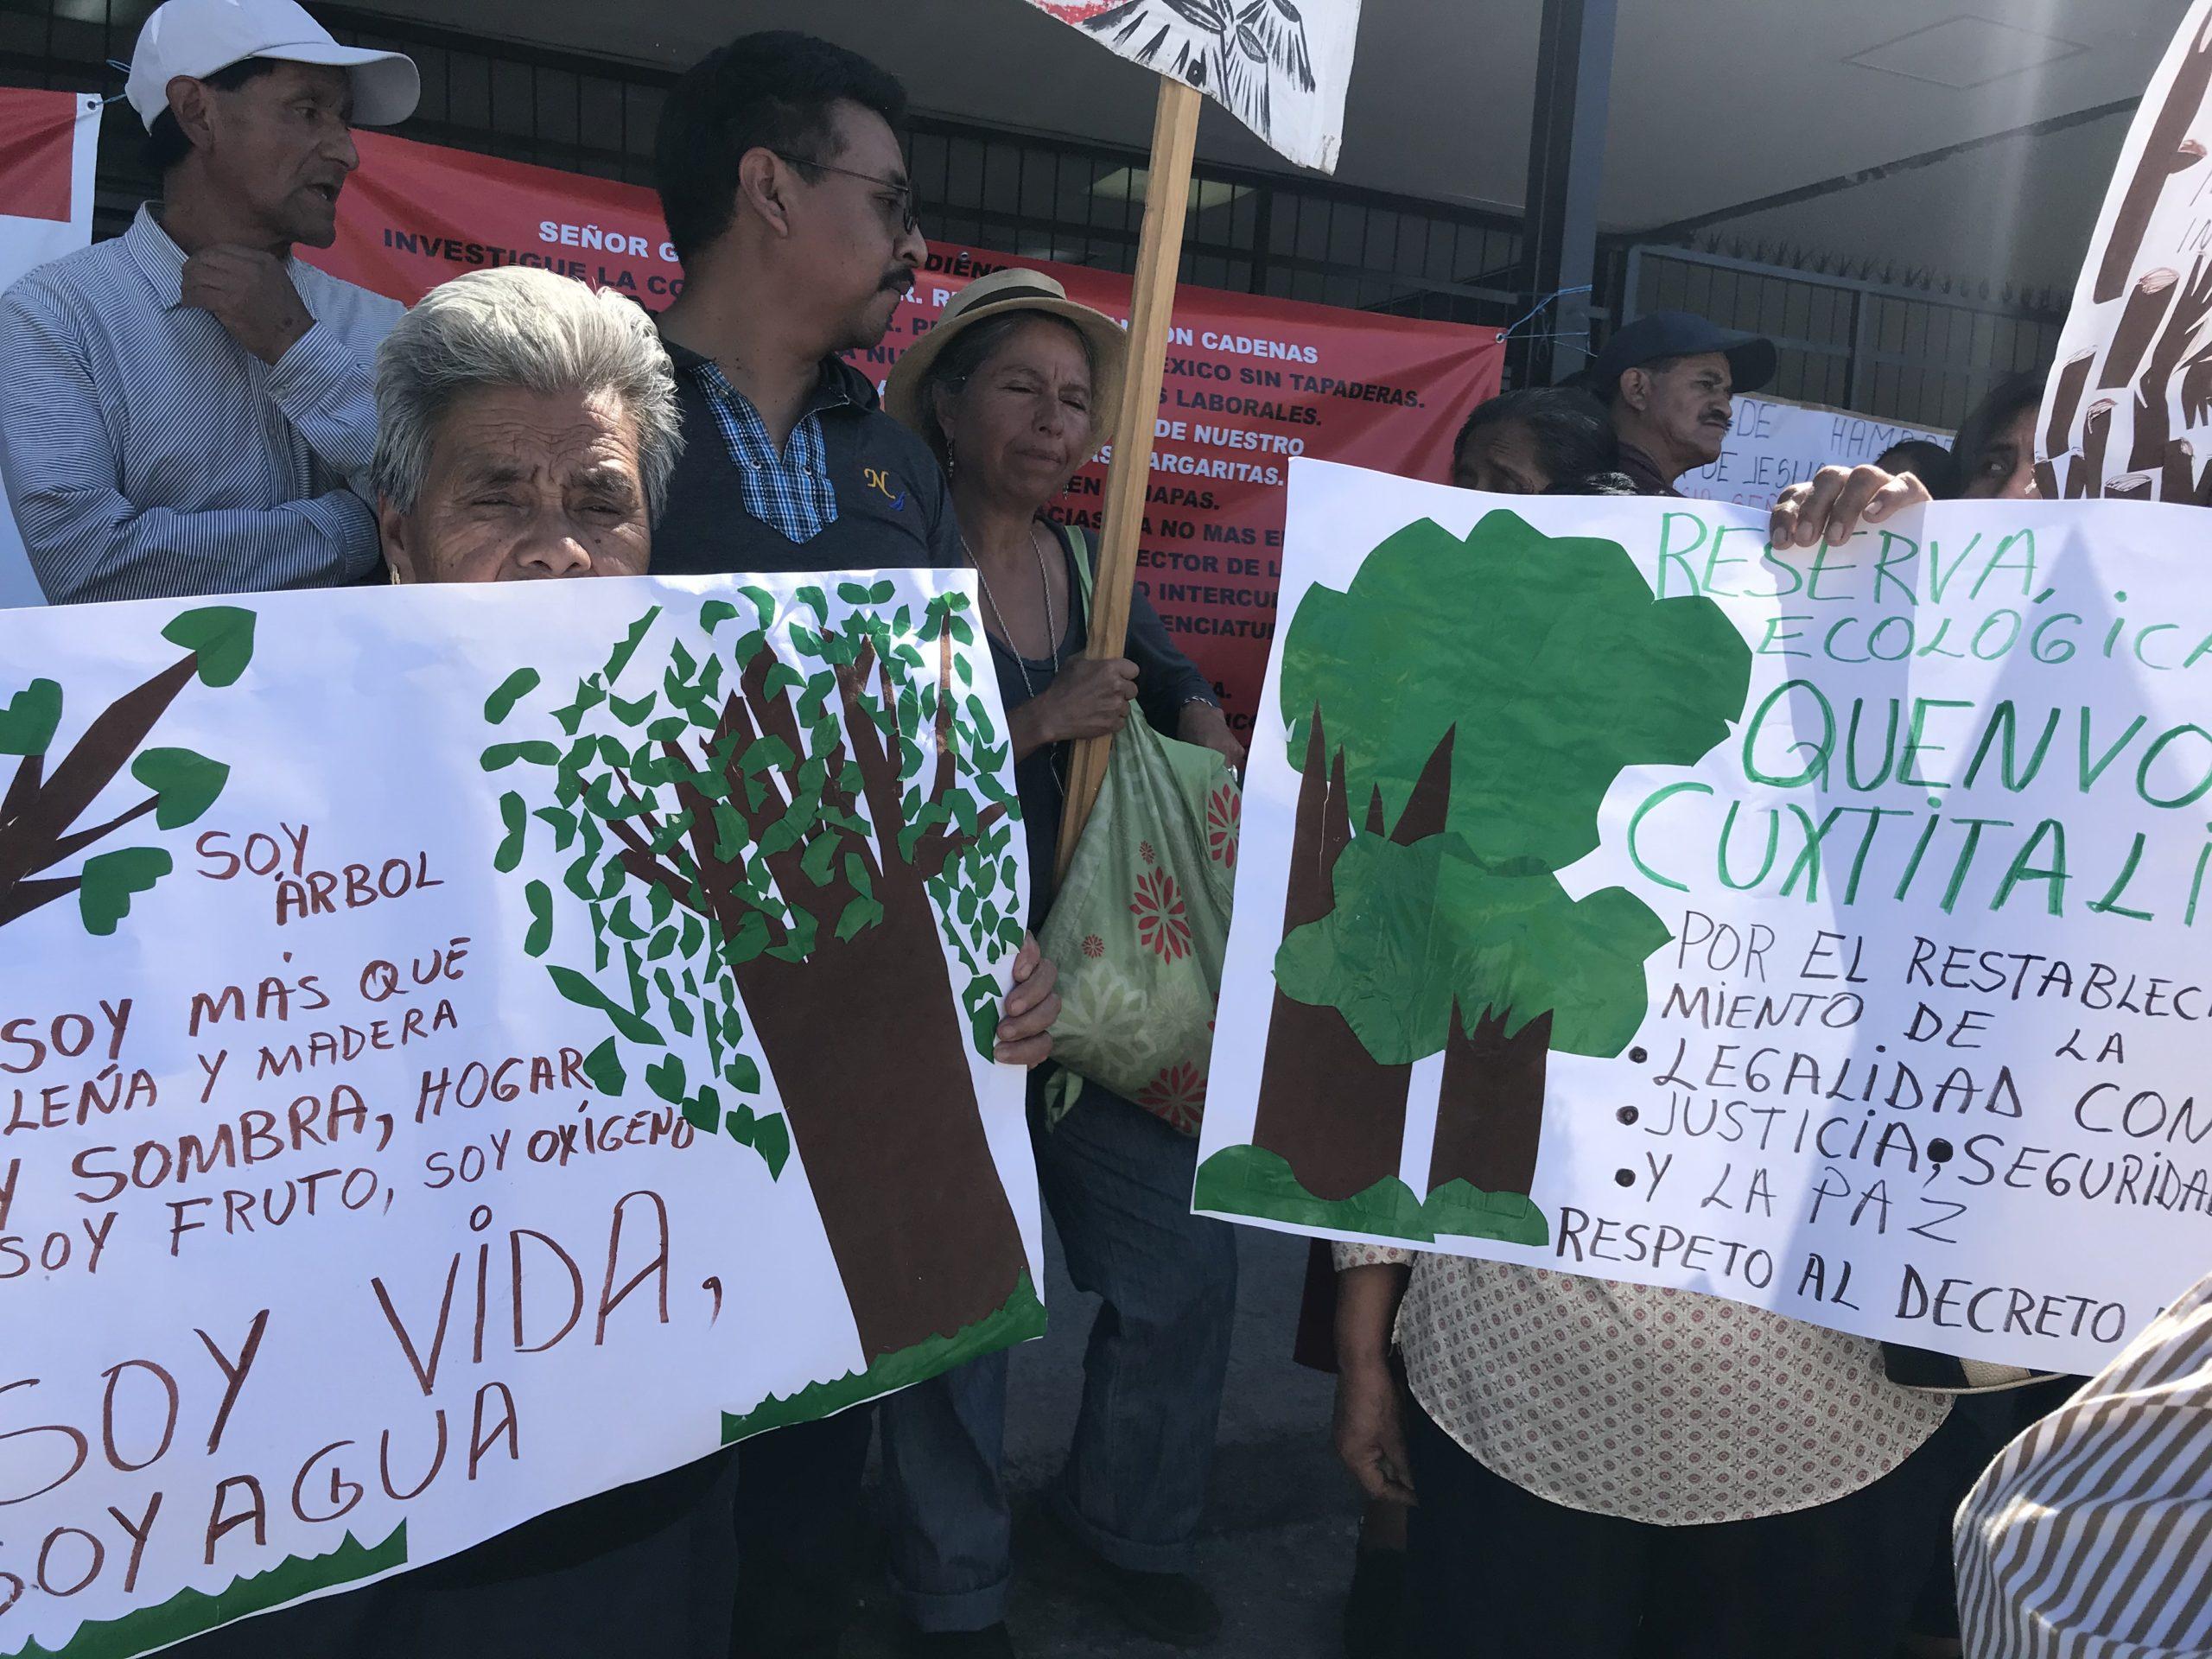 Habitantes denuncian omisión de autoridades por proteger Quemvó-Cuxtitali